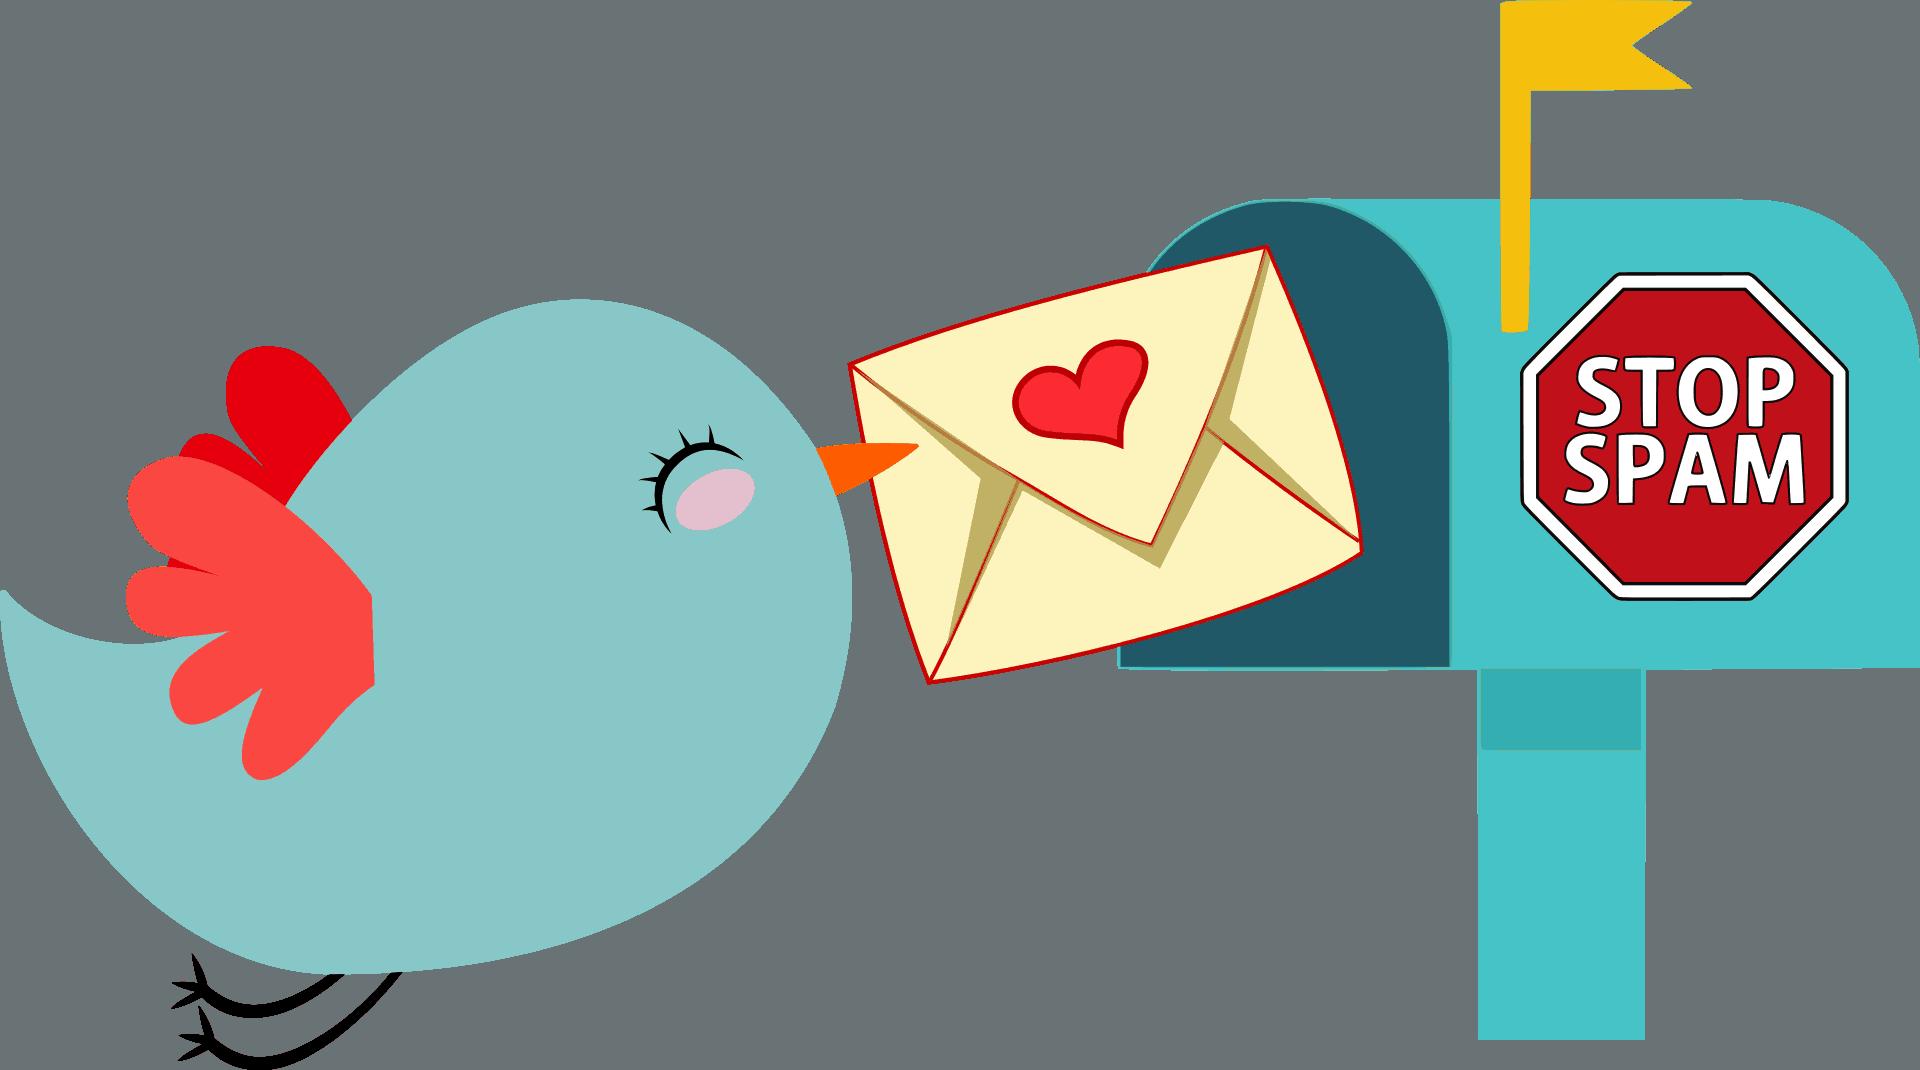 Vogel stellt Brief zu an Briefkasten mit Spam-Stopschild.